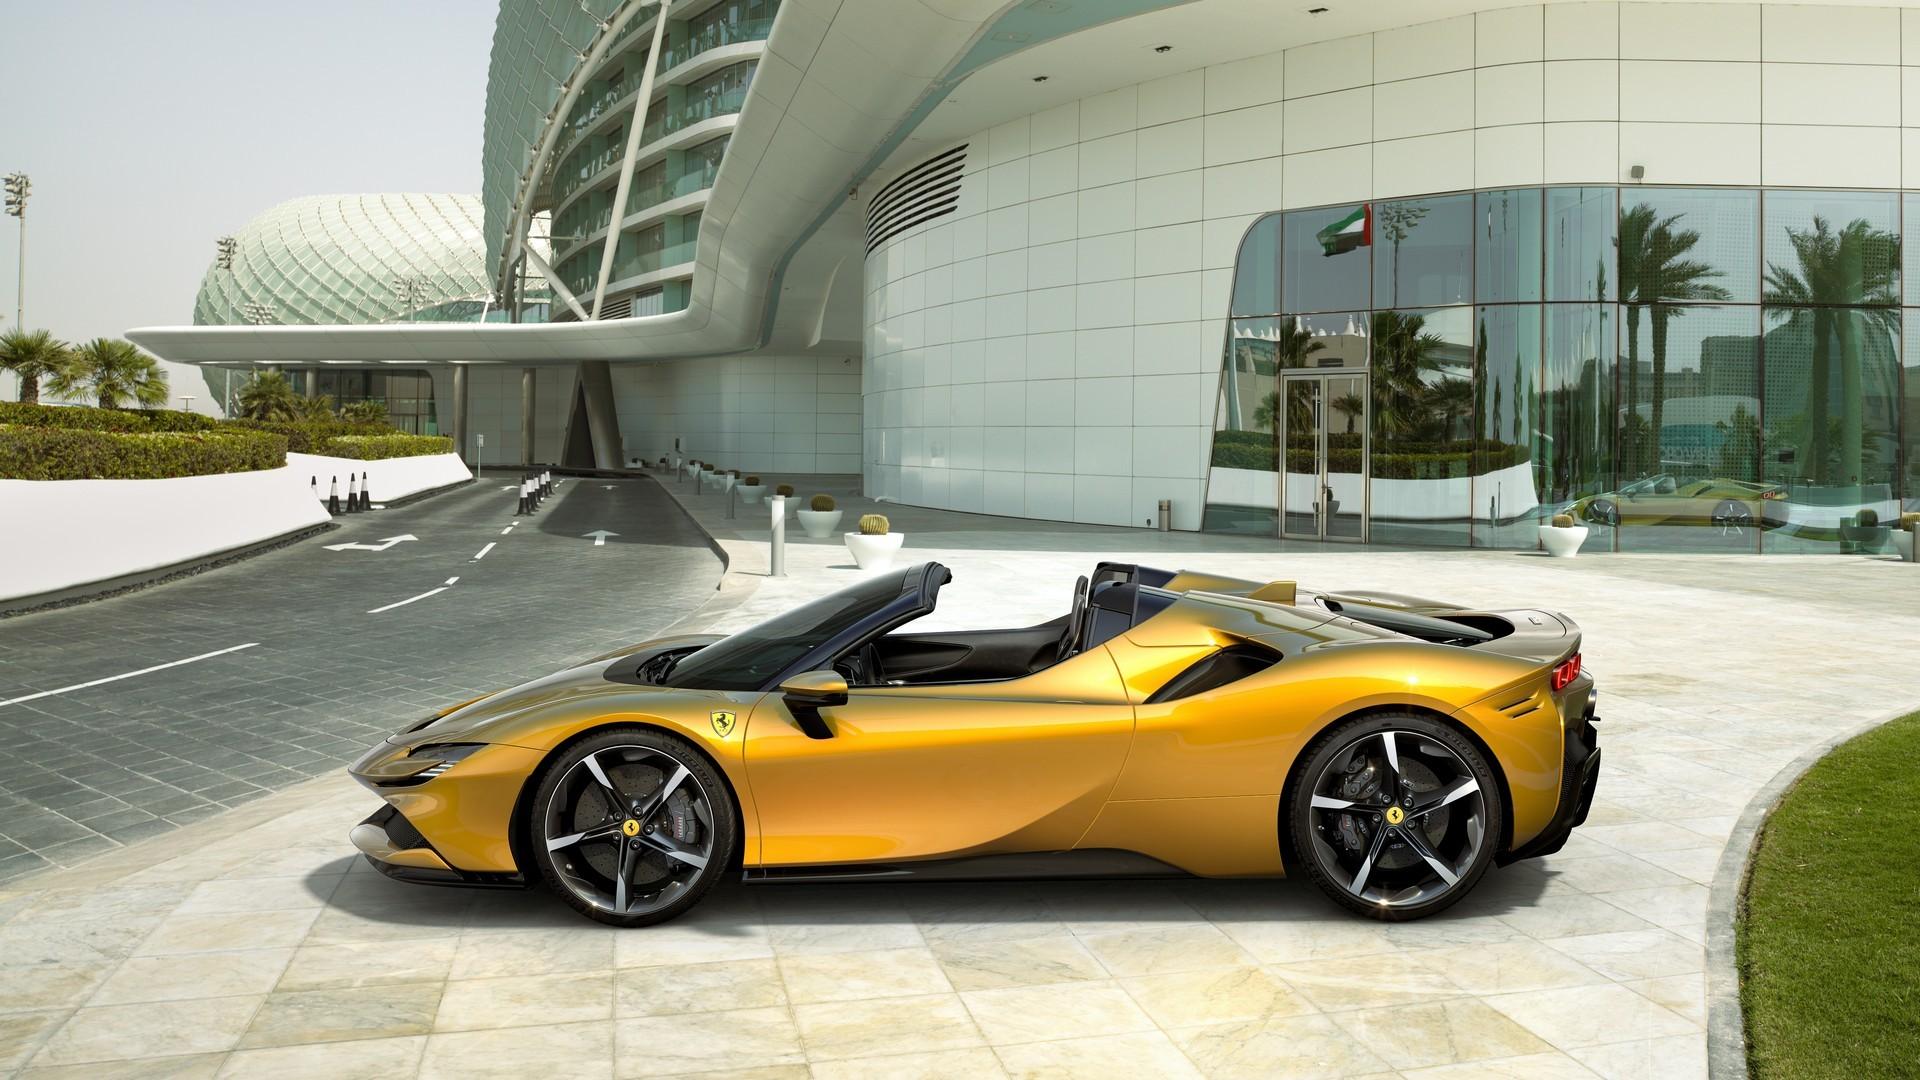 Ferrari, en güçlü üstsüzü SF90 Spider'ı tanıttı